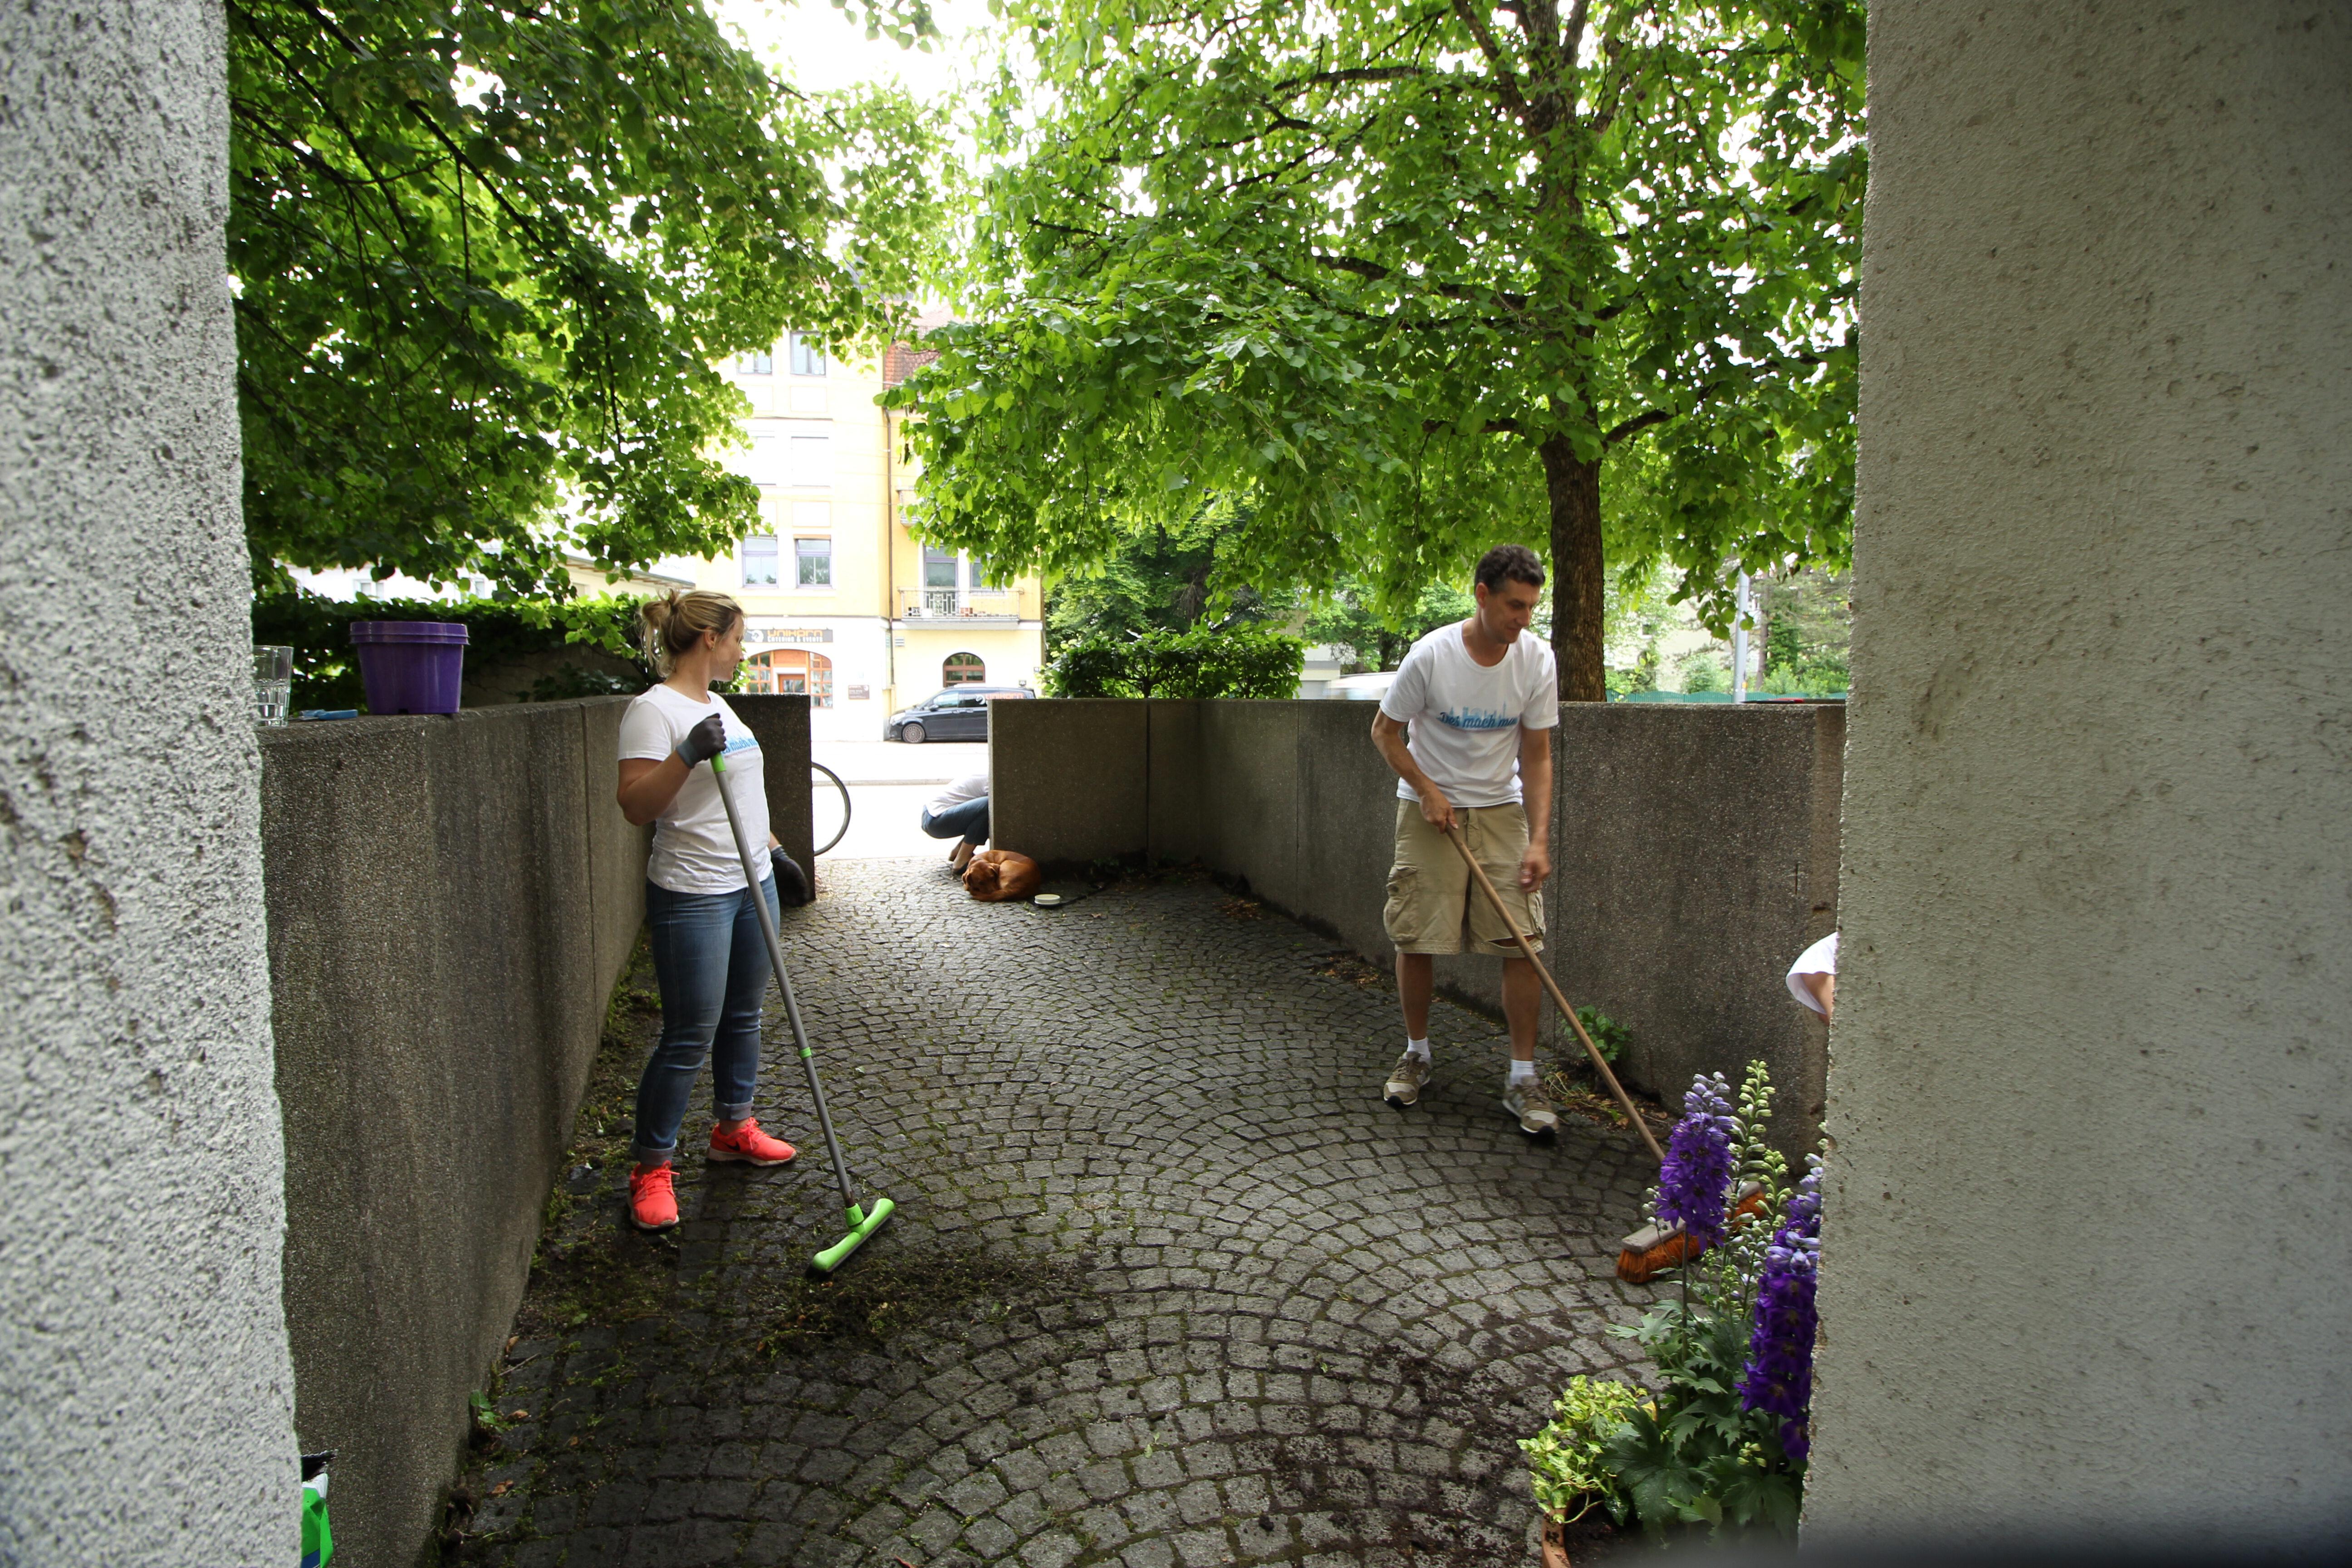 Aktionstag Münchner Unternehmen Des mach ma: Mitarbeiter von Nemetschek streichen das Foyer und verschönern den Garten der Senioreneinrichtung Integriertes Wohnen der Diakonie Oberbayern.